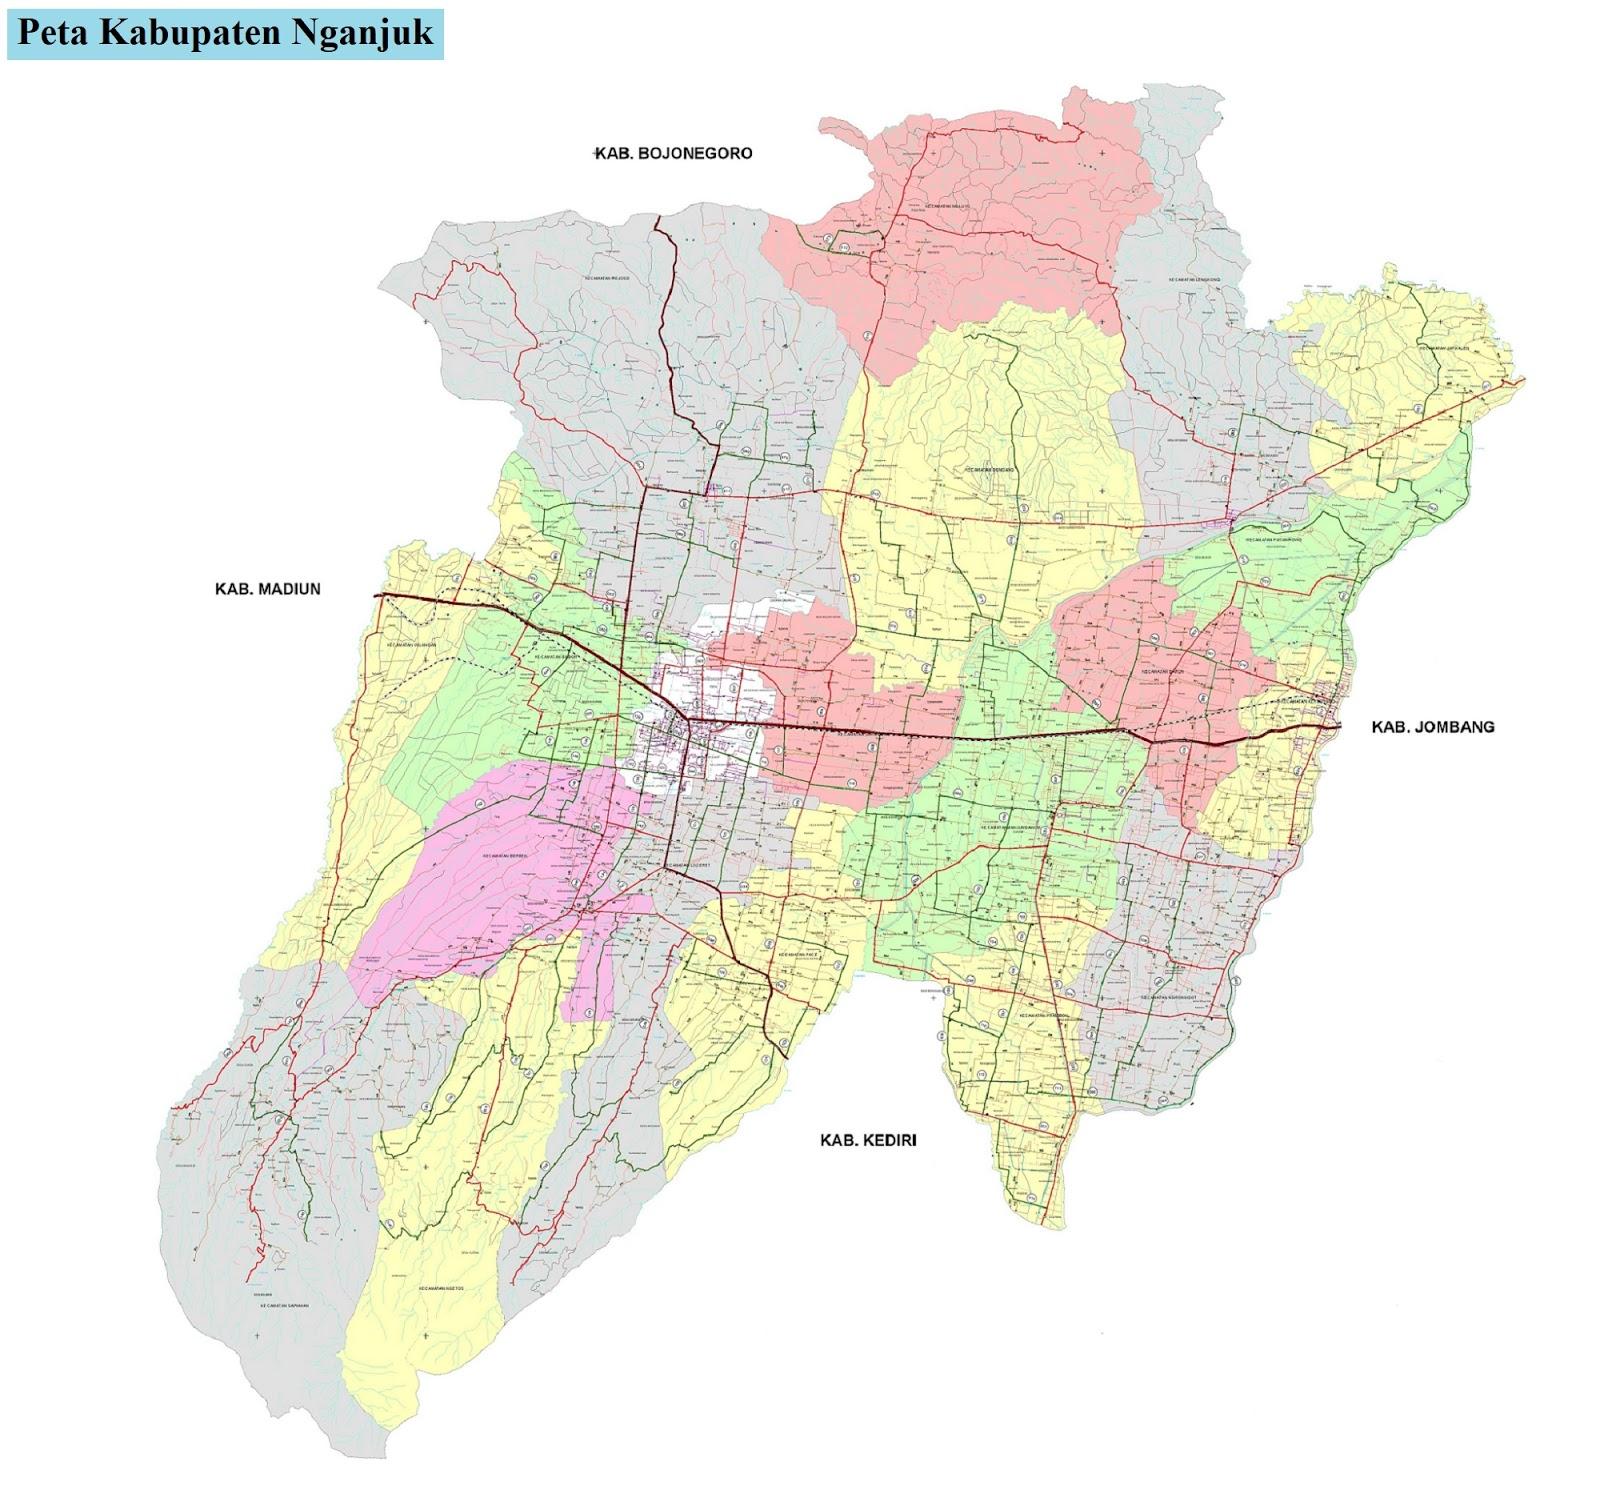 Peta Kabupaten Nganjuk